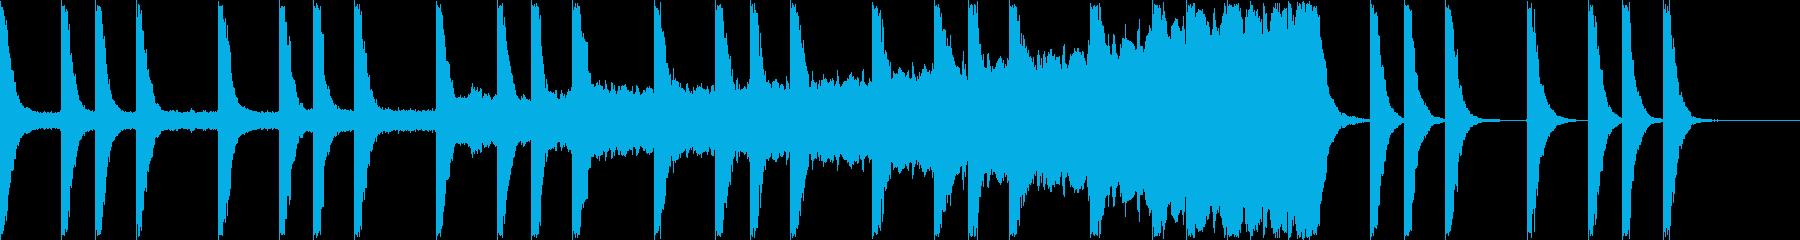 セミの鳴き声と不気味な金属音の再生済みの波形